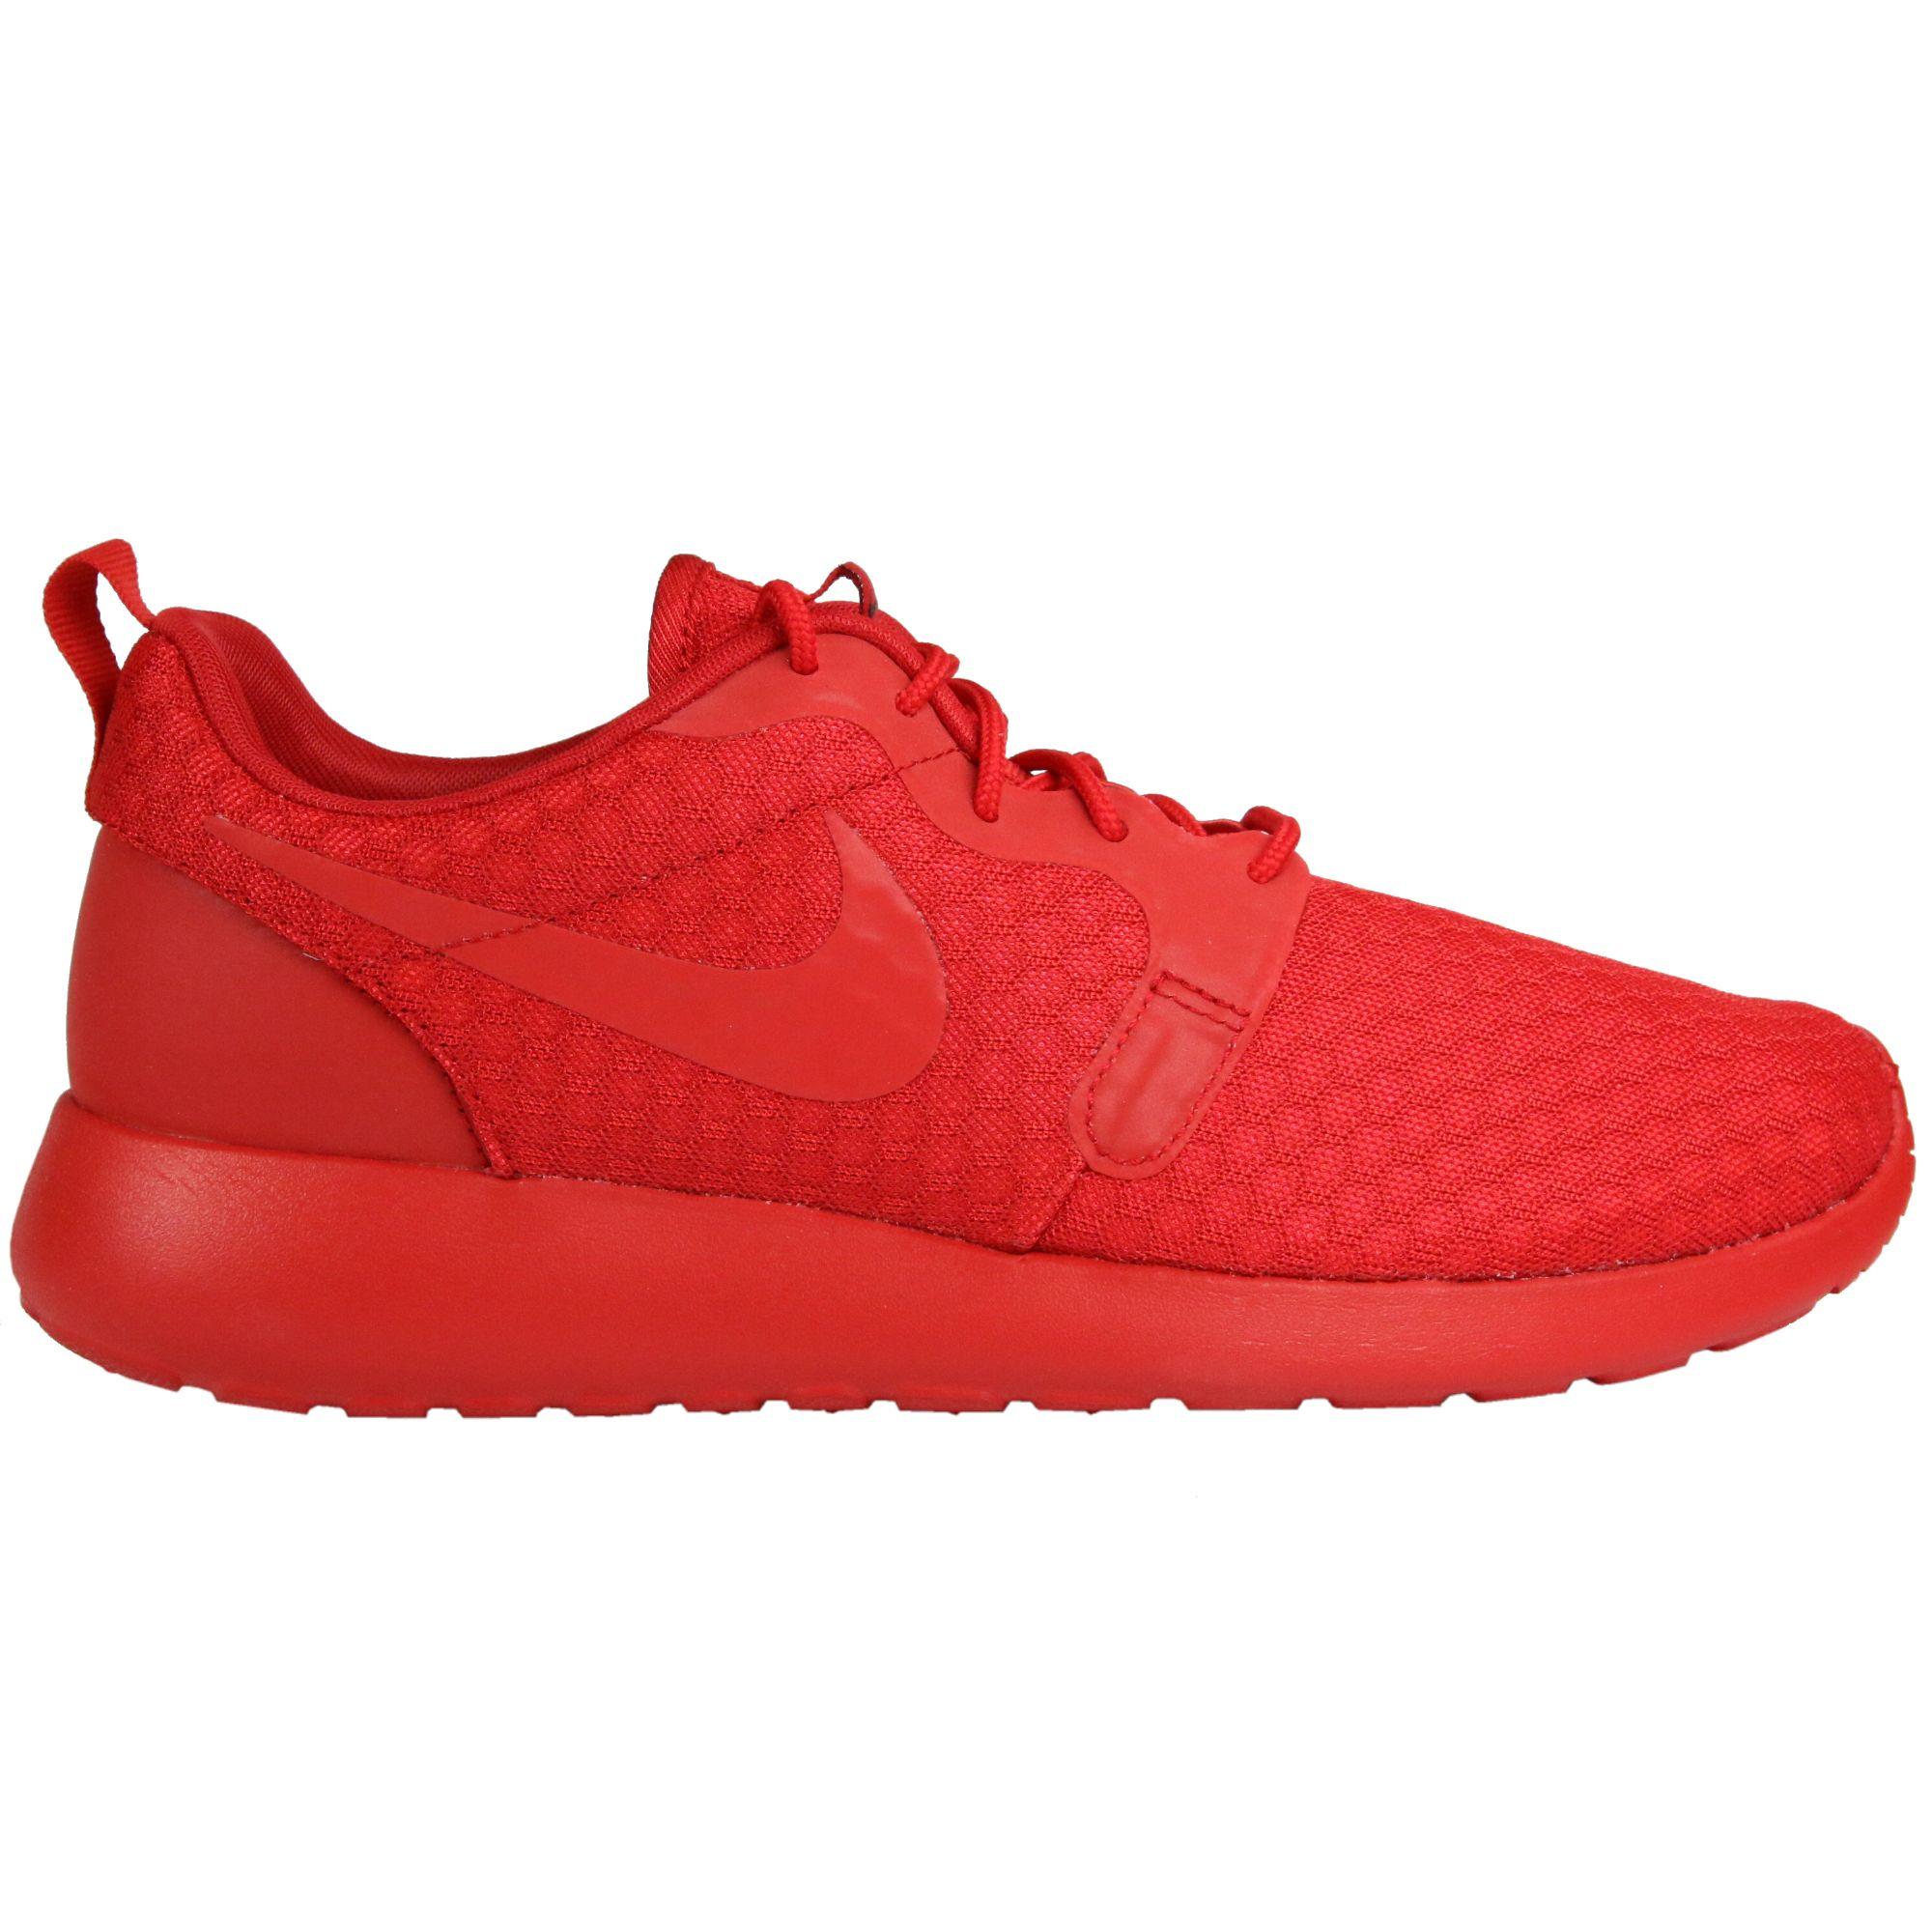 Nike Roshe One Hyperfuse - Herren Schuhe